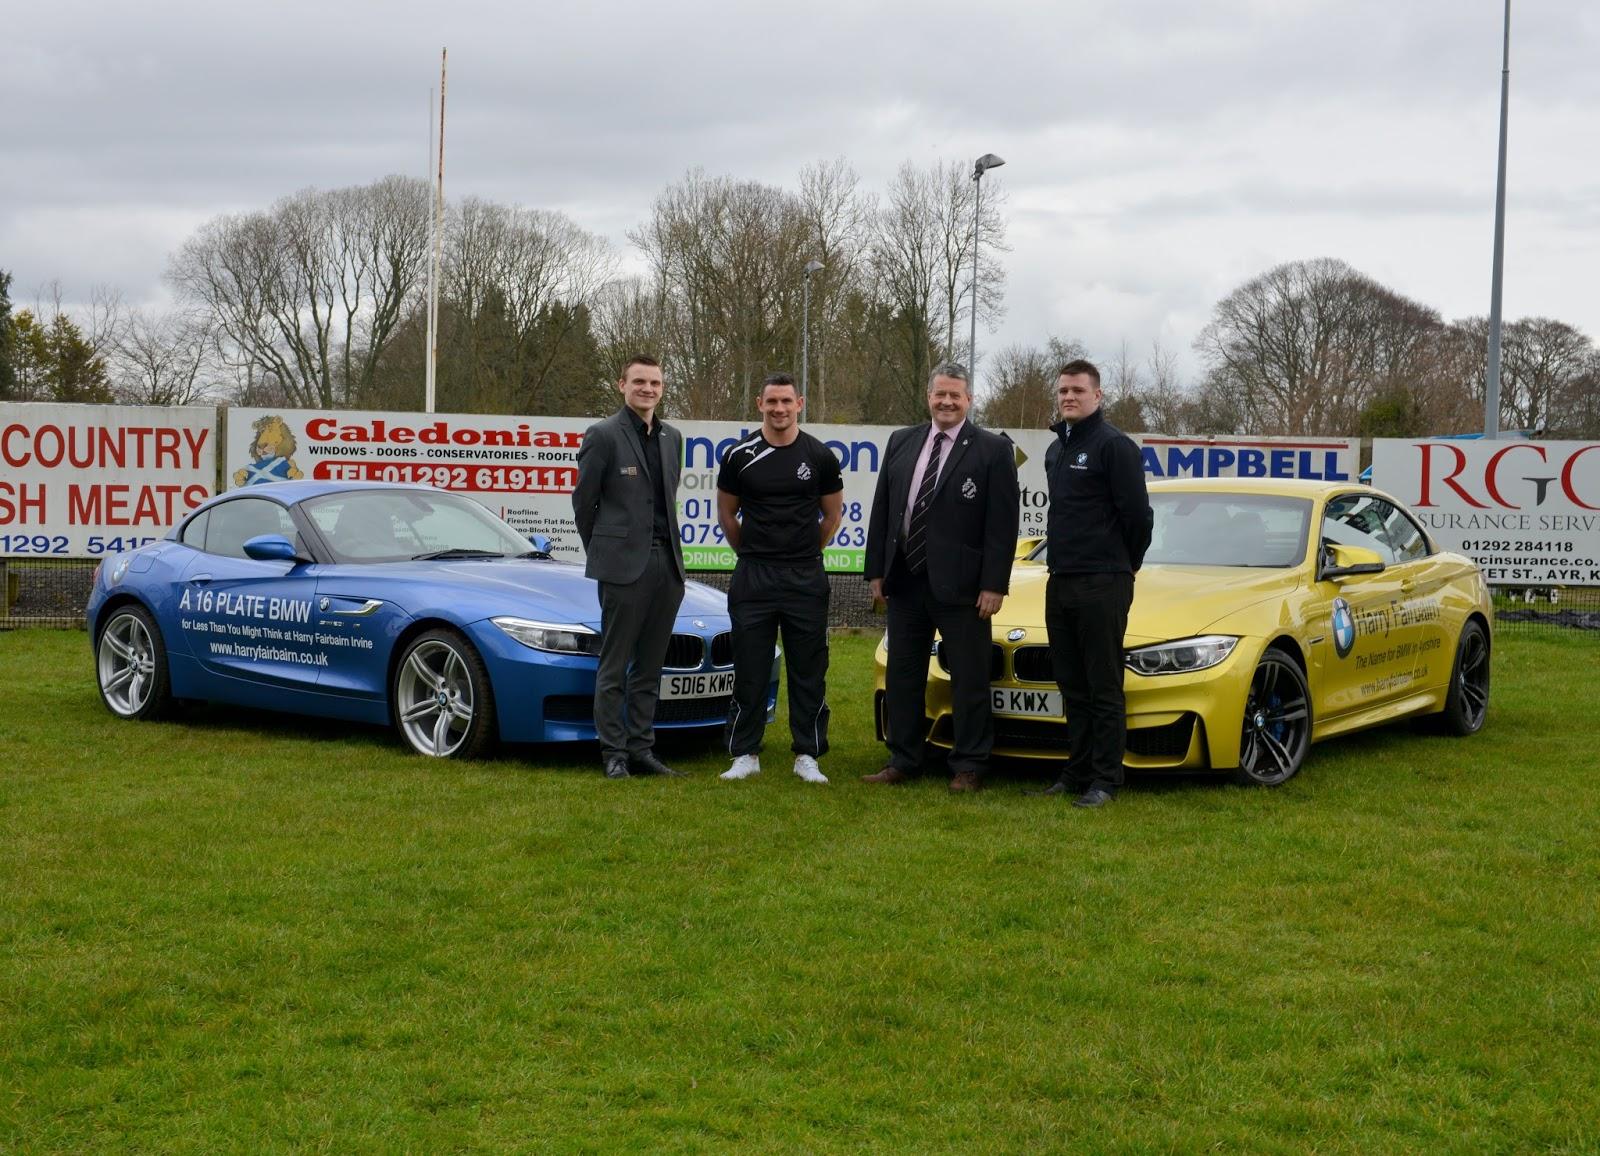 Ayr Rugby Club Latest News Harry Fairbairn BMW teams up with Ayr RFC